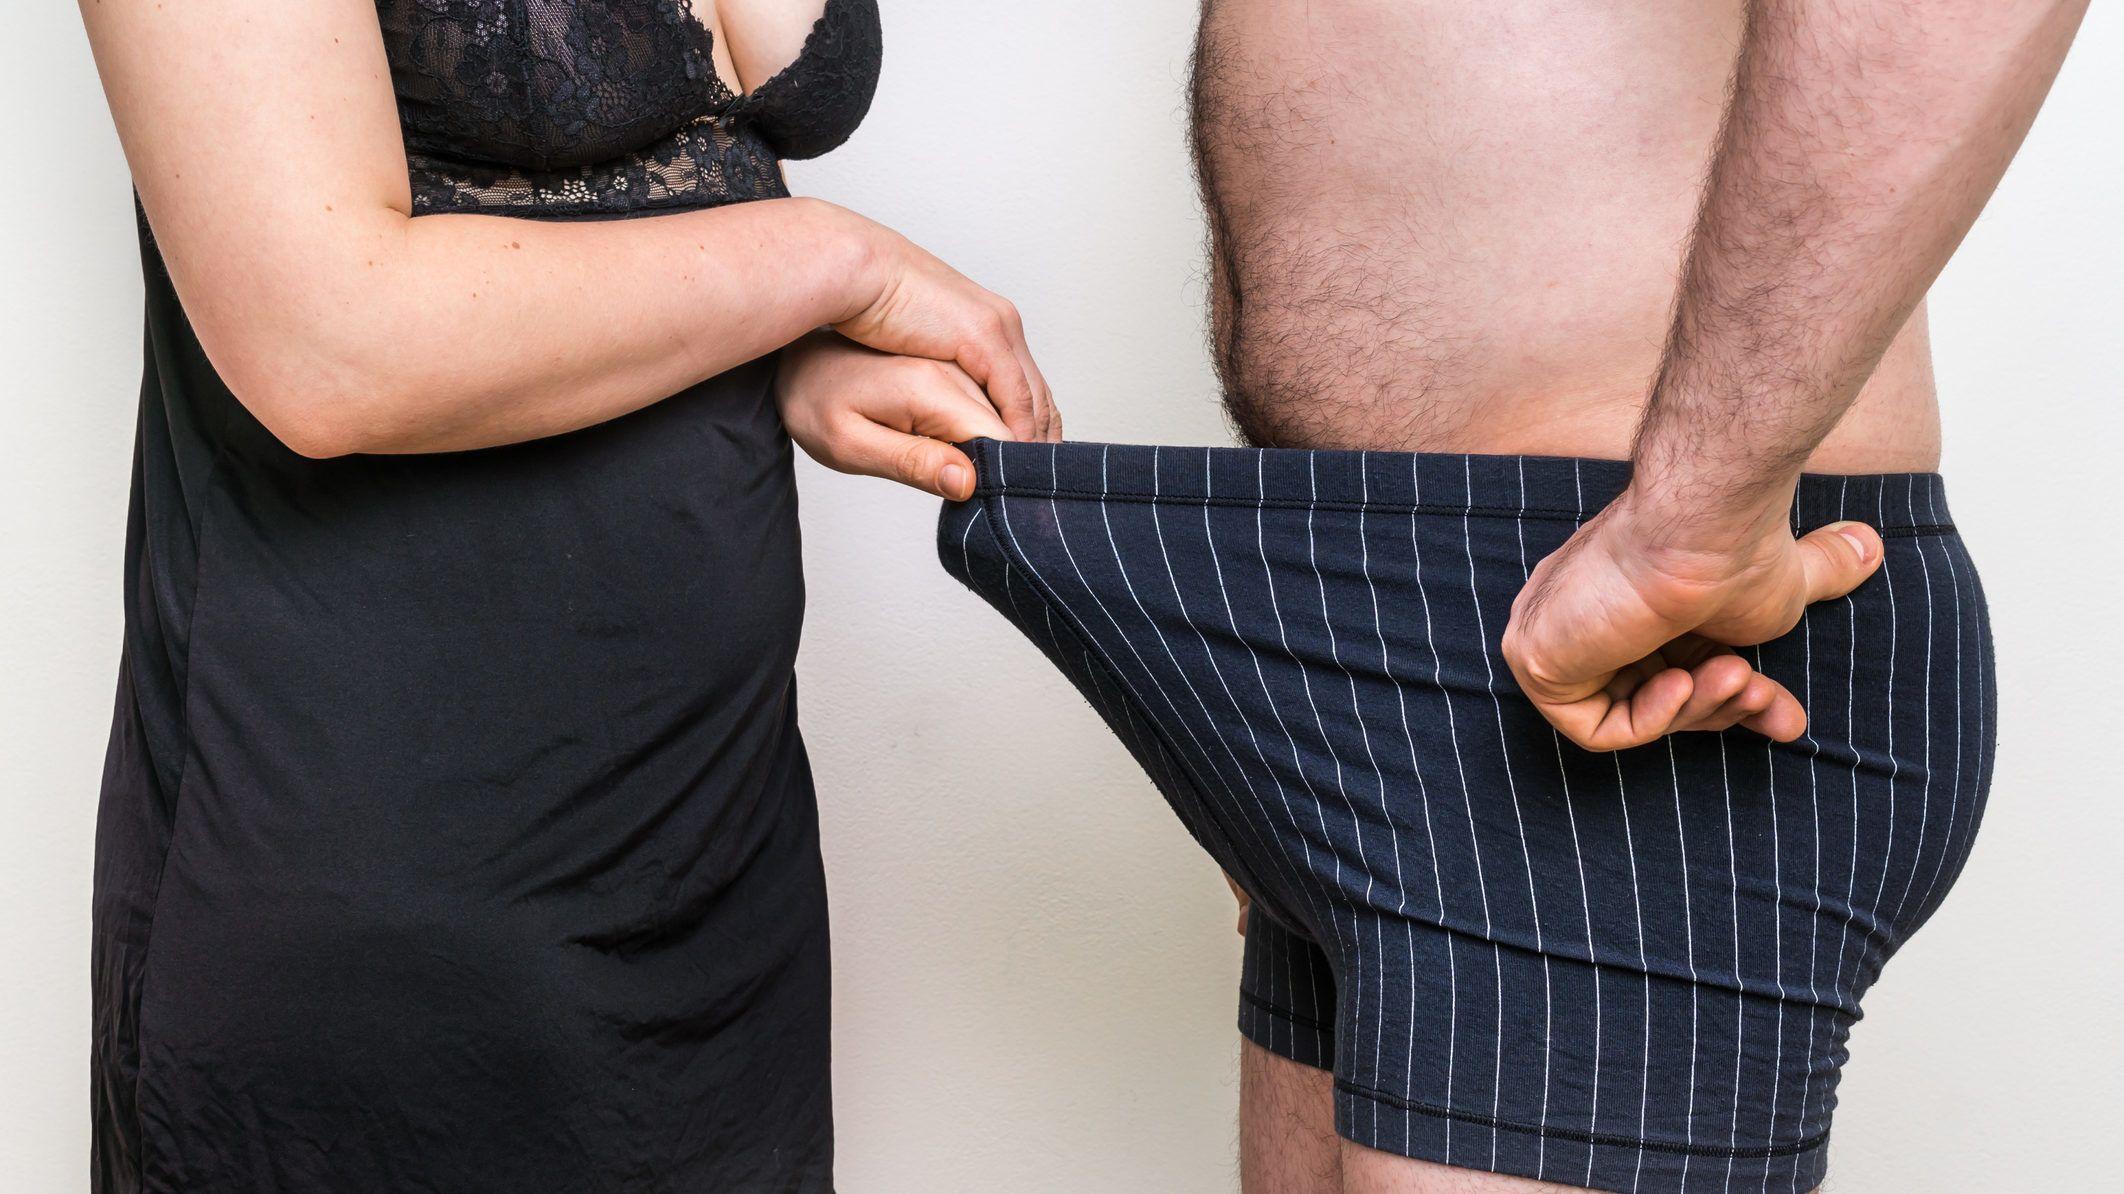 péniszproblémák merre kell menni prosztatagyulladás erekciós fórum